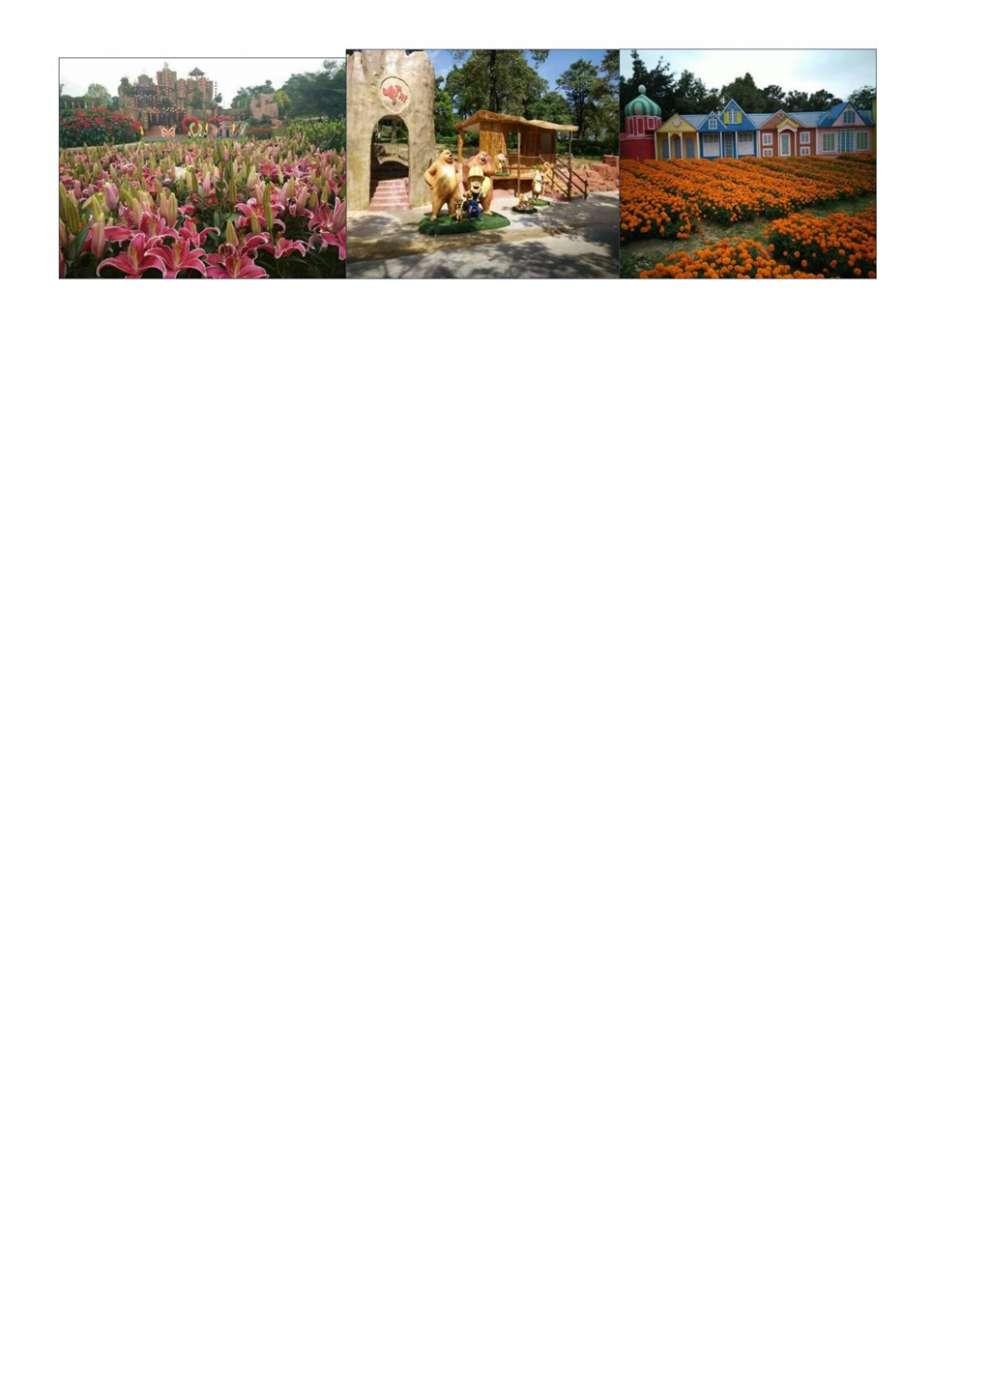 【东莞】松湖生态园野炊、趣味拓展经典一天之旅06